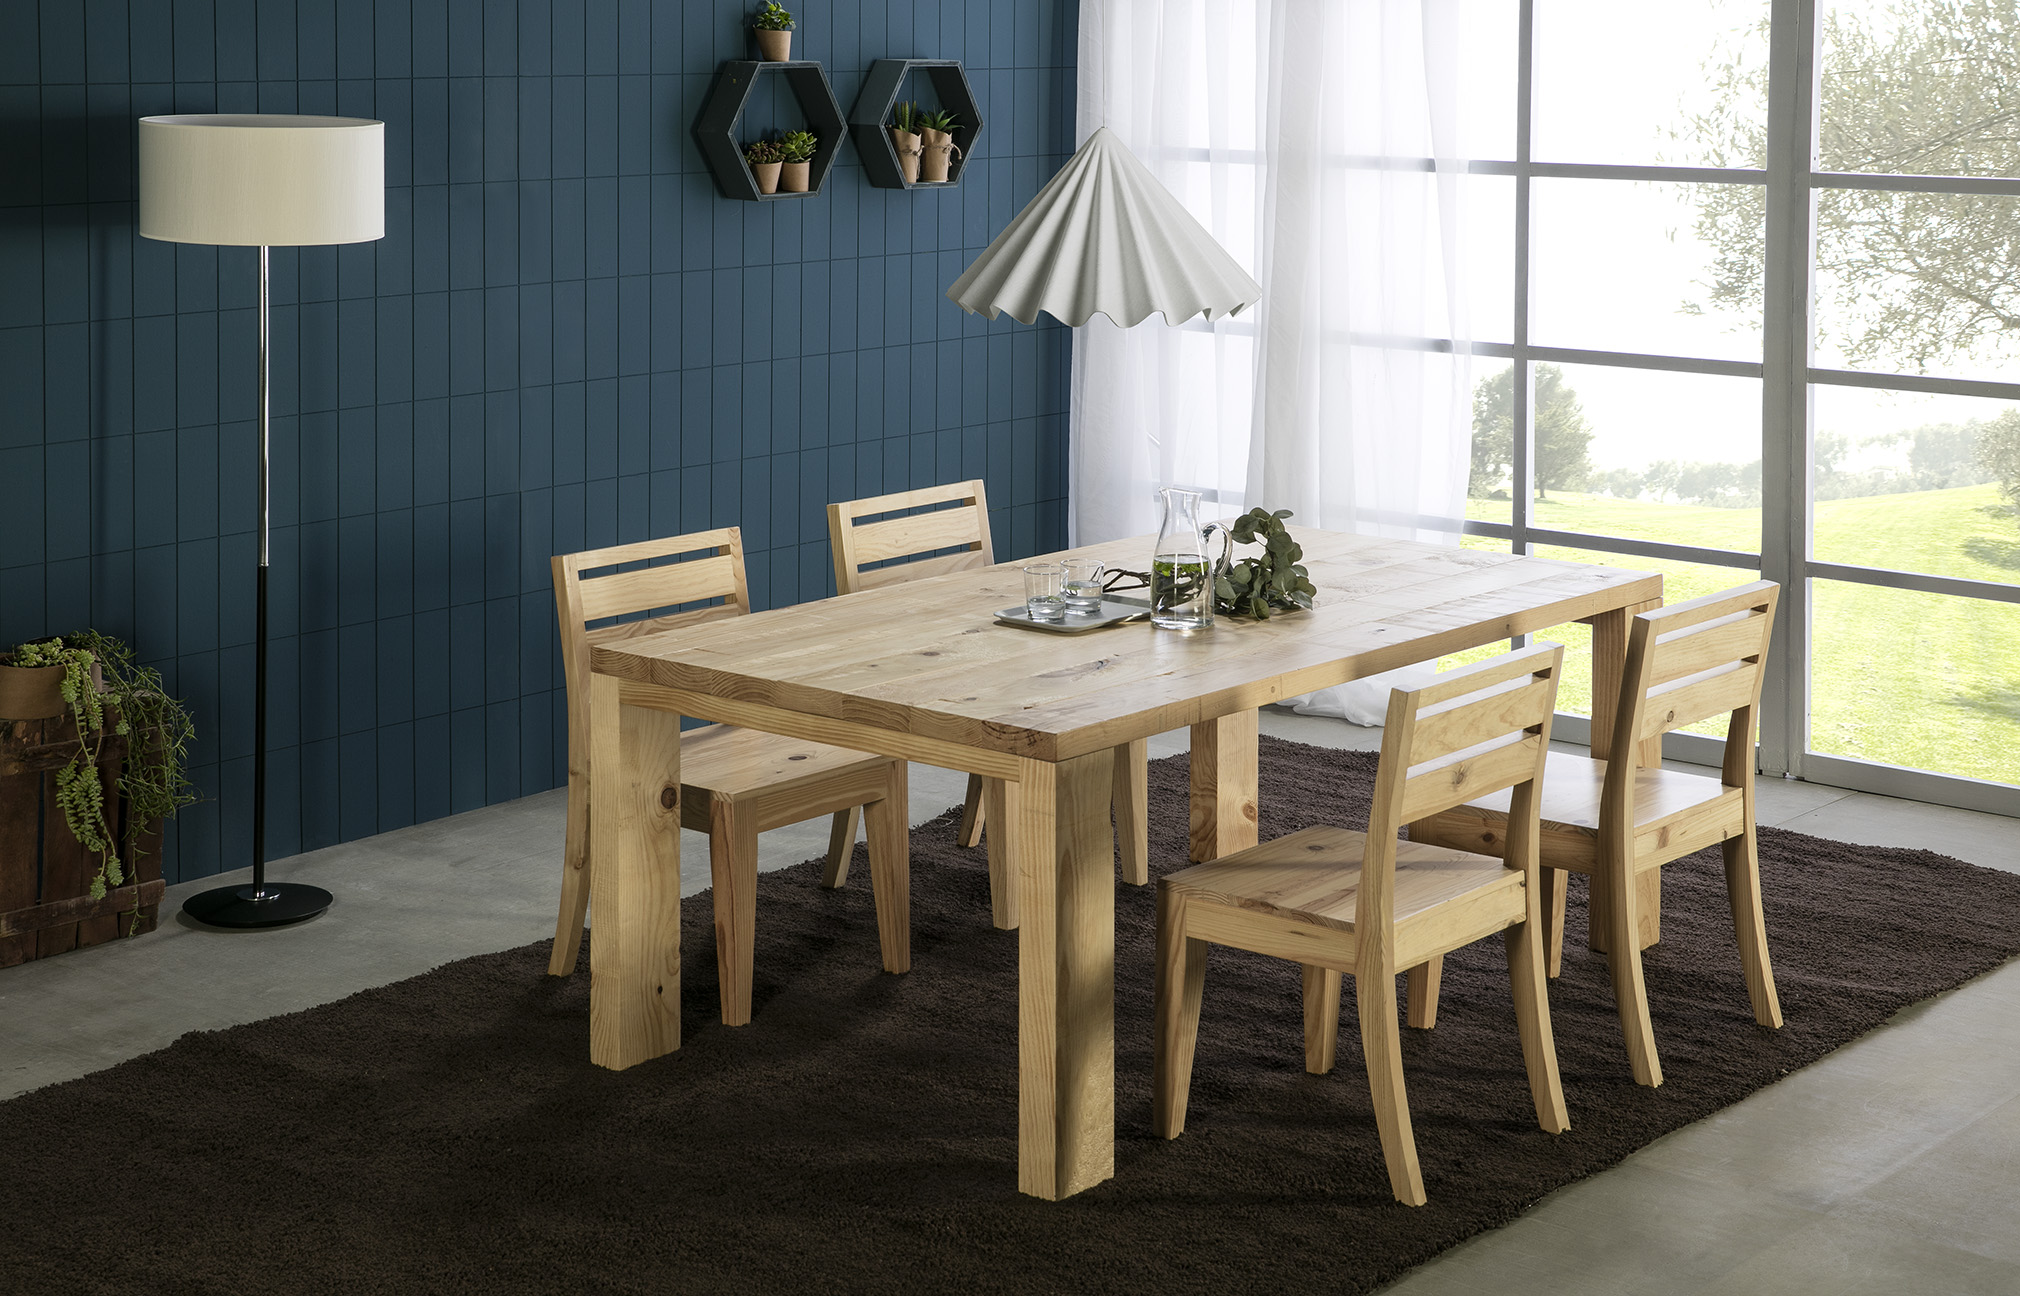 Mueble rústico fabricado en madera de pino en Almería